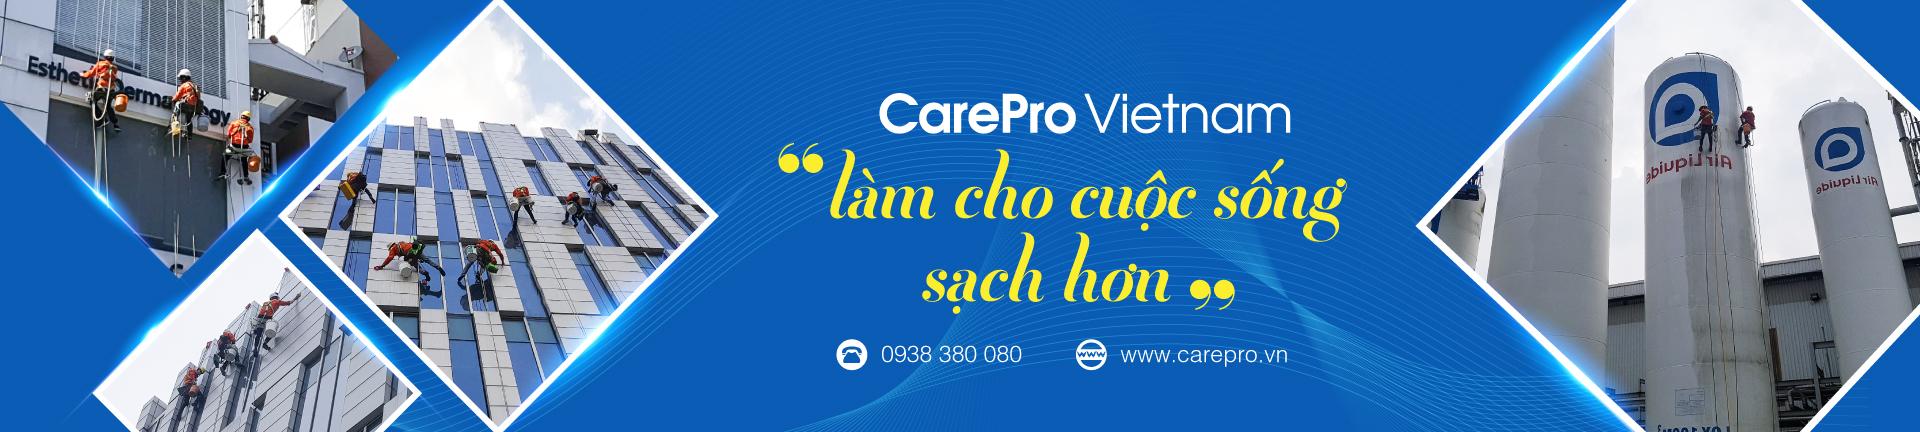 vệ sinh công nghiệp carepro.vn